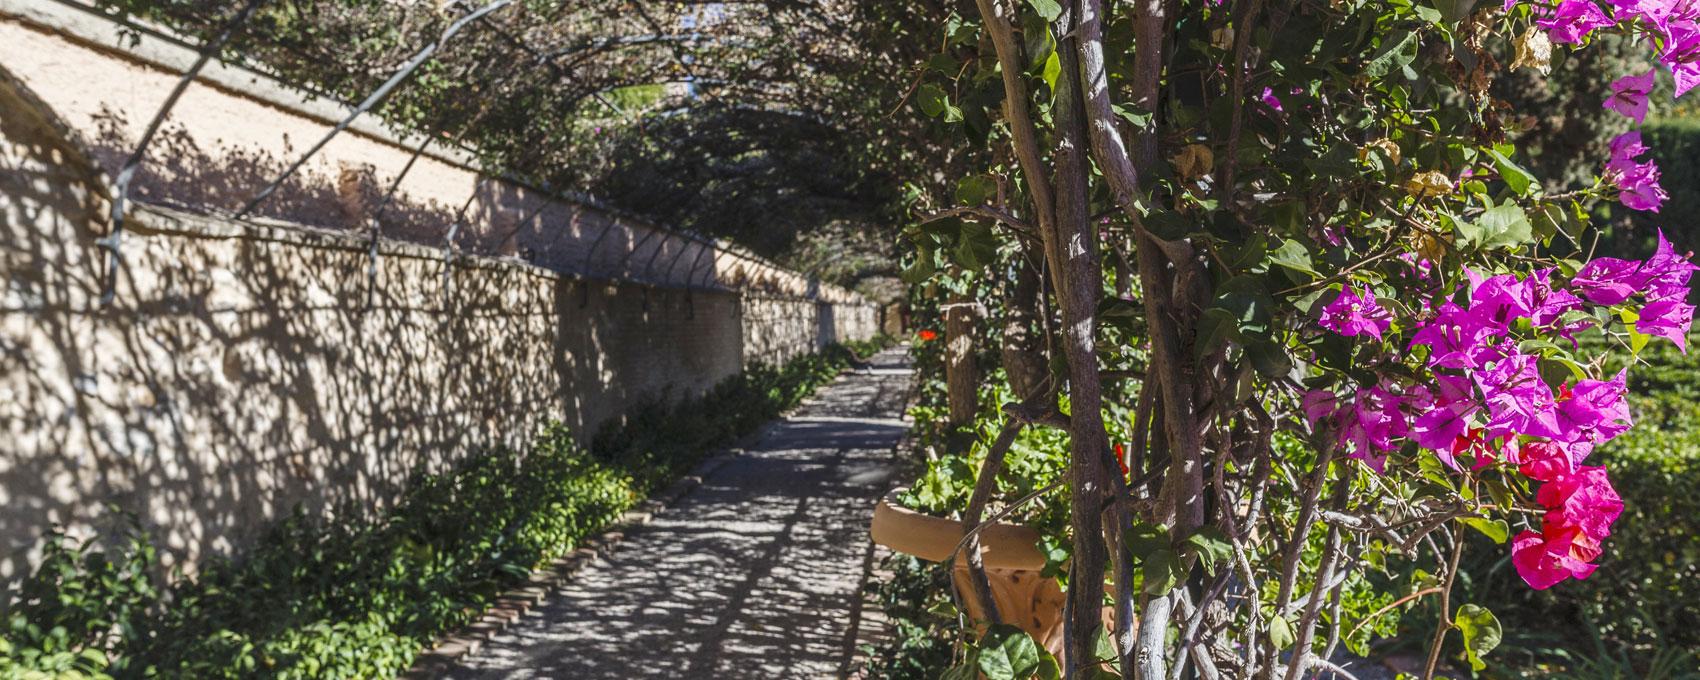 Aquest túnel marca linealment el límit oest del jardí, tancant el parterre vell i el Roserar. És una volta vegetal formada per una estructura metàl•lica recolzada en el mur de tancament del jardí sobre la qual es recolza un entramat de vistoses buguenvíl•lees